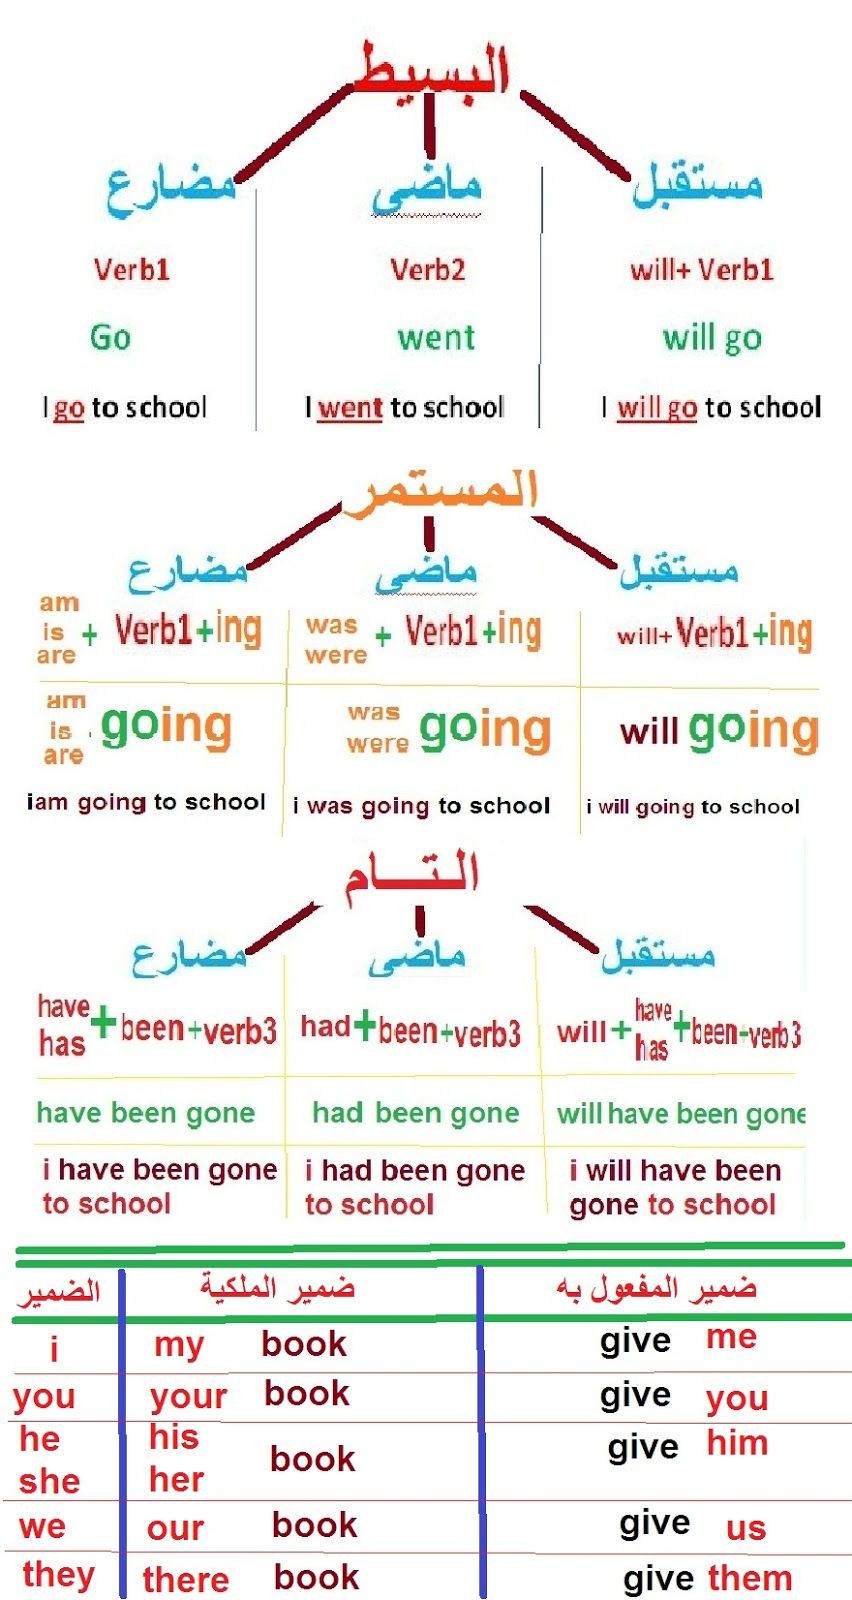 مدونة سيد أمين الازمنة الانجليزية بطريقة مختصرة لطلبة المدارس English Language Learning Grammar English Phonics English Language Learning